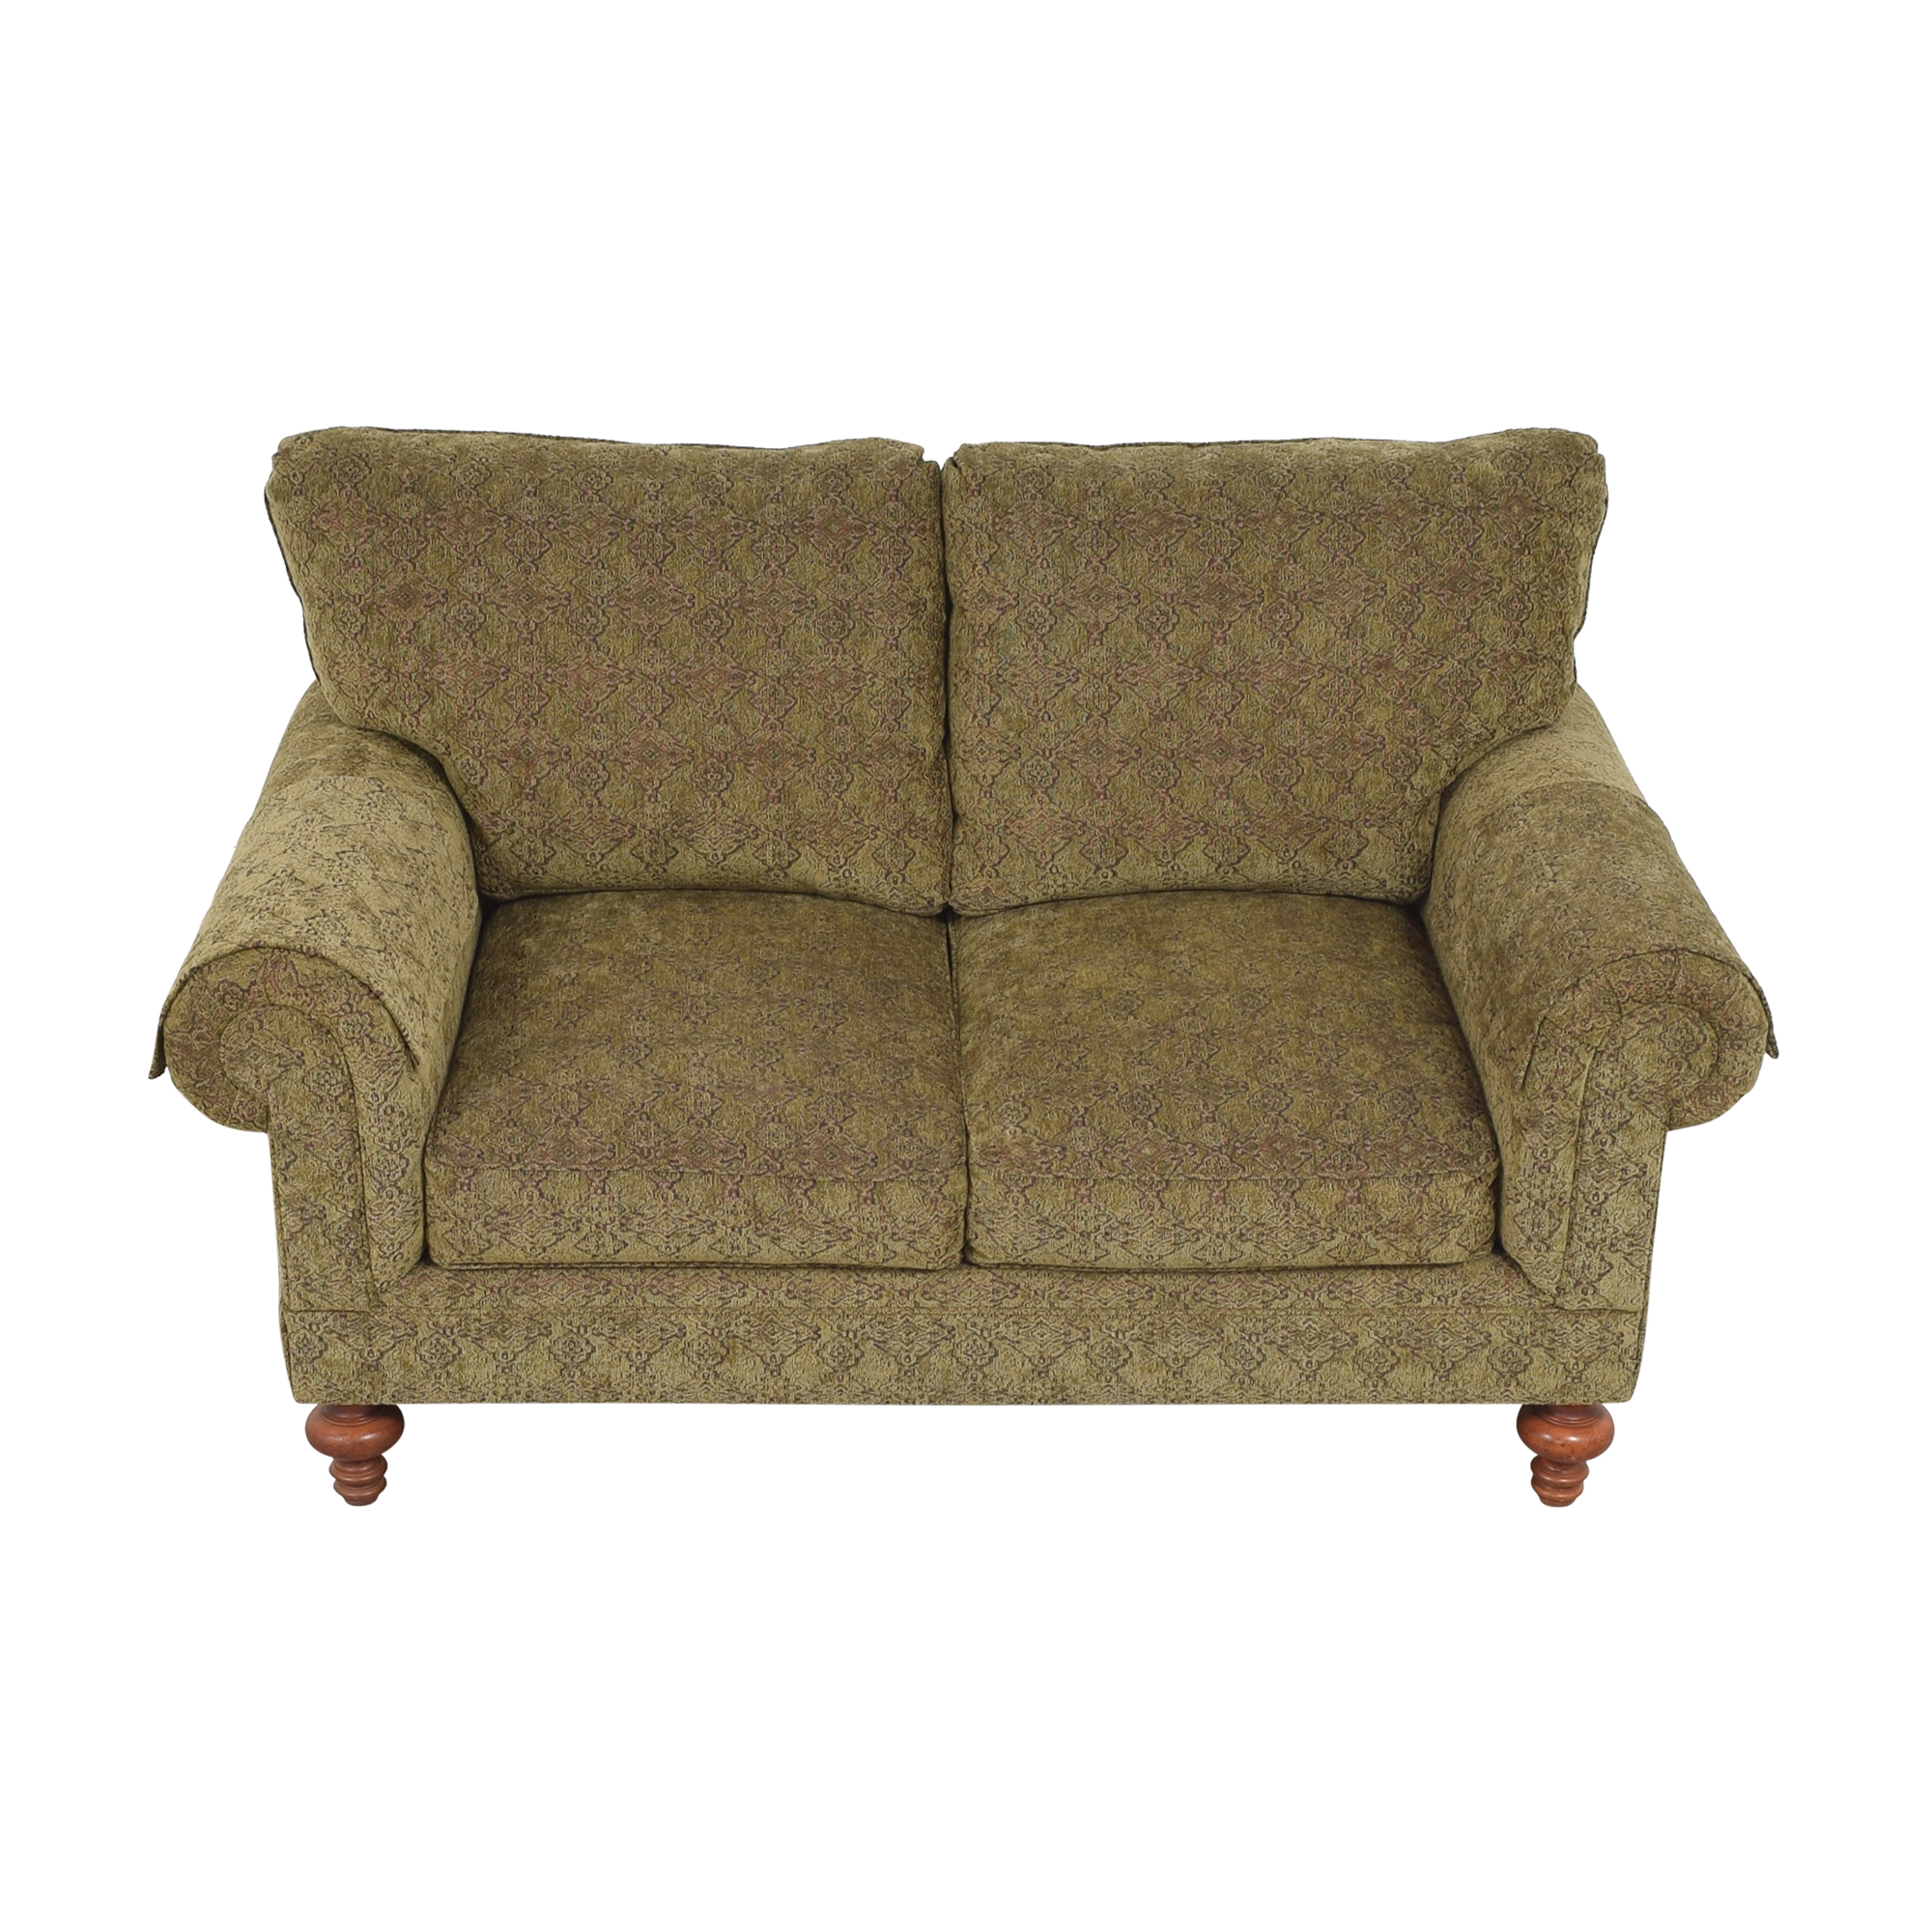 Henredon Furniture Henredon Upholstered Loveseat on sale